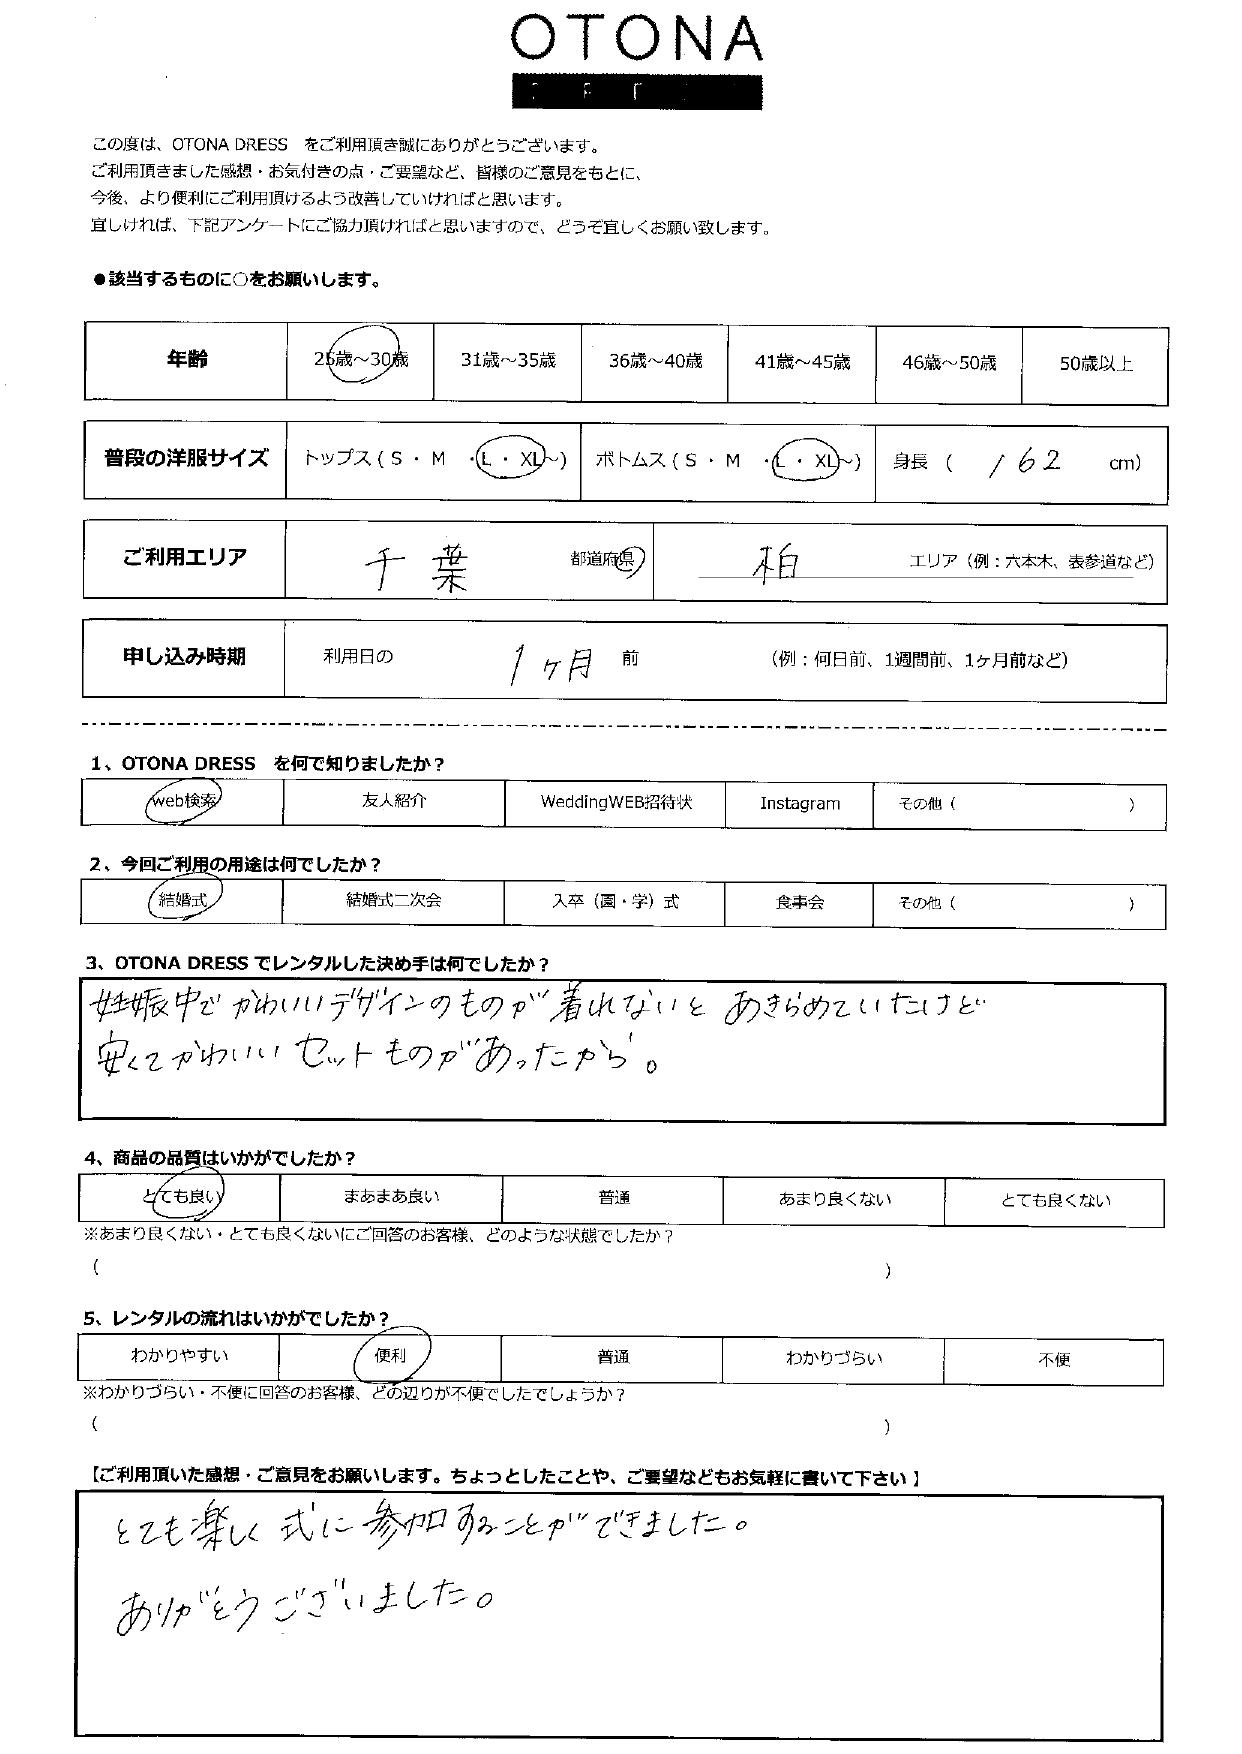 7/30結婚式ご利用 千葉・柏エリア